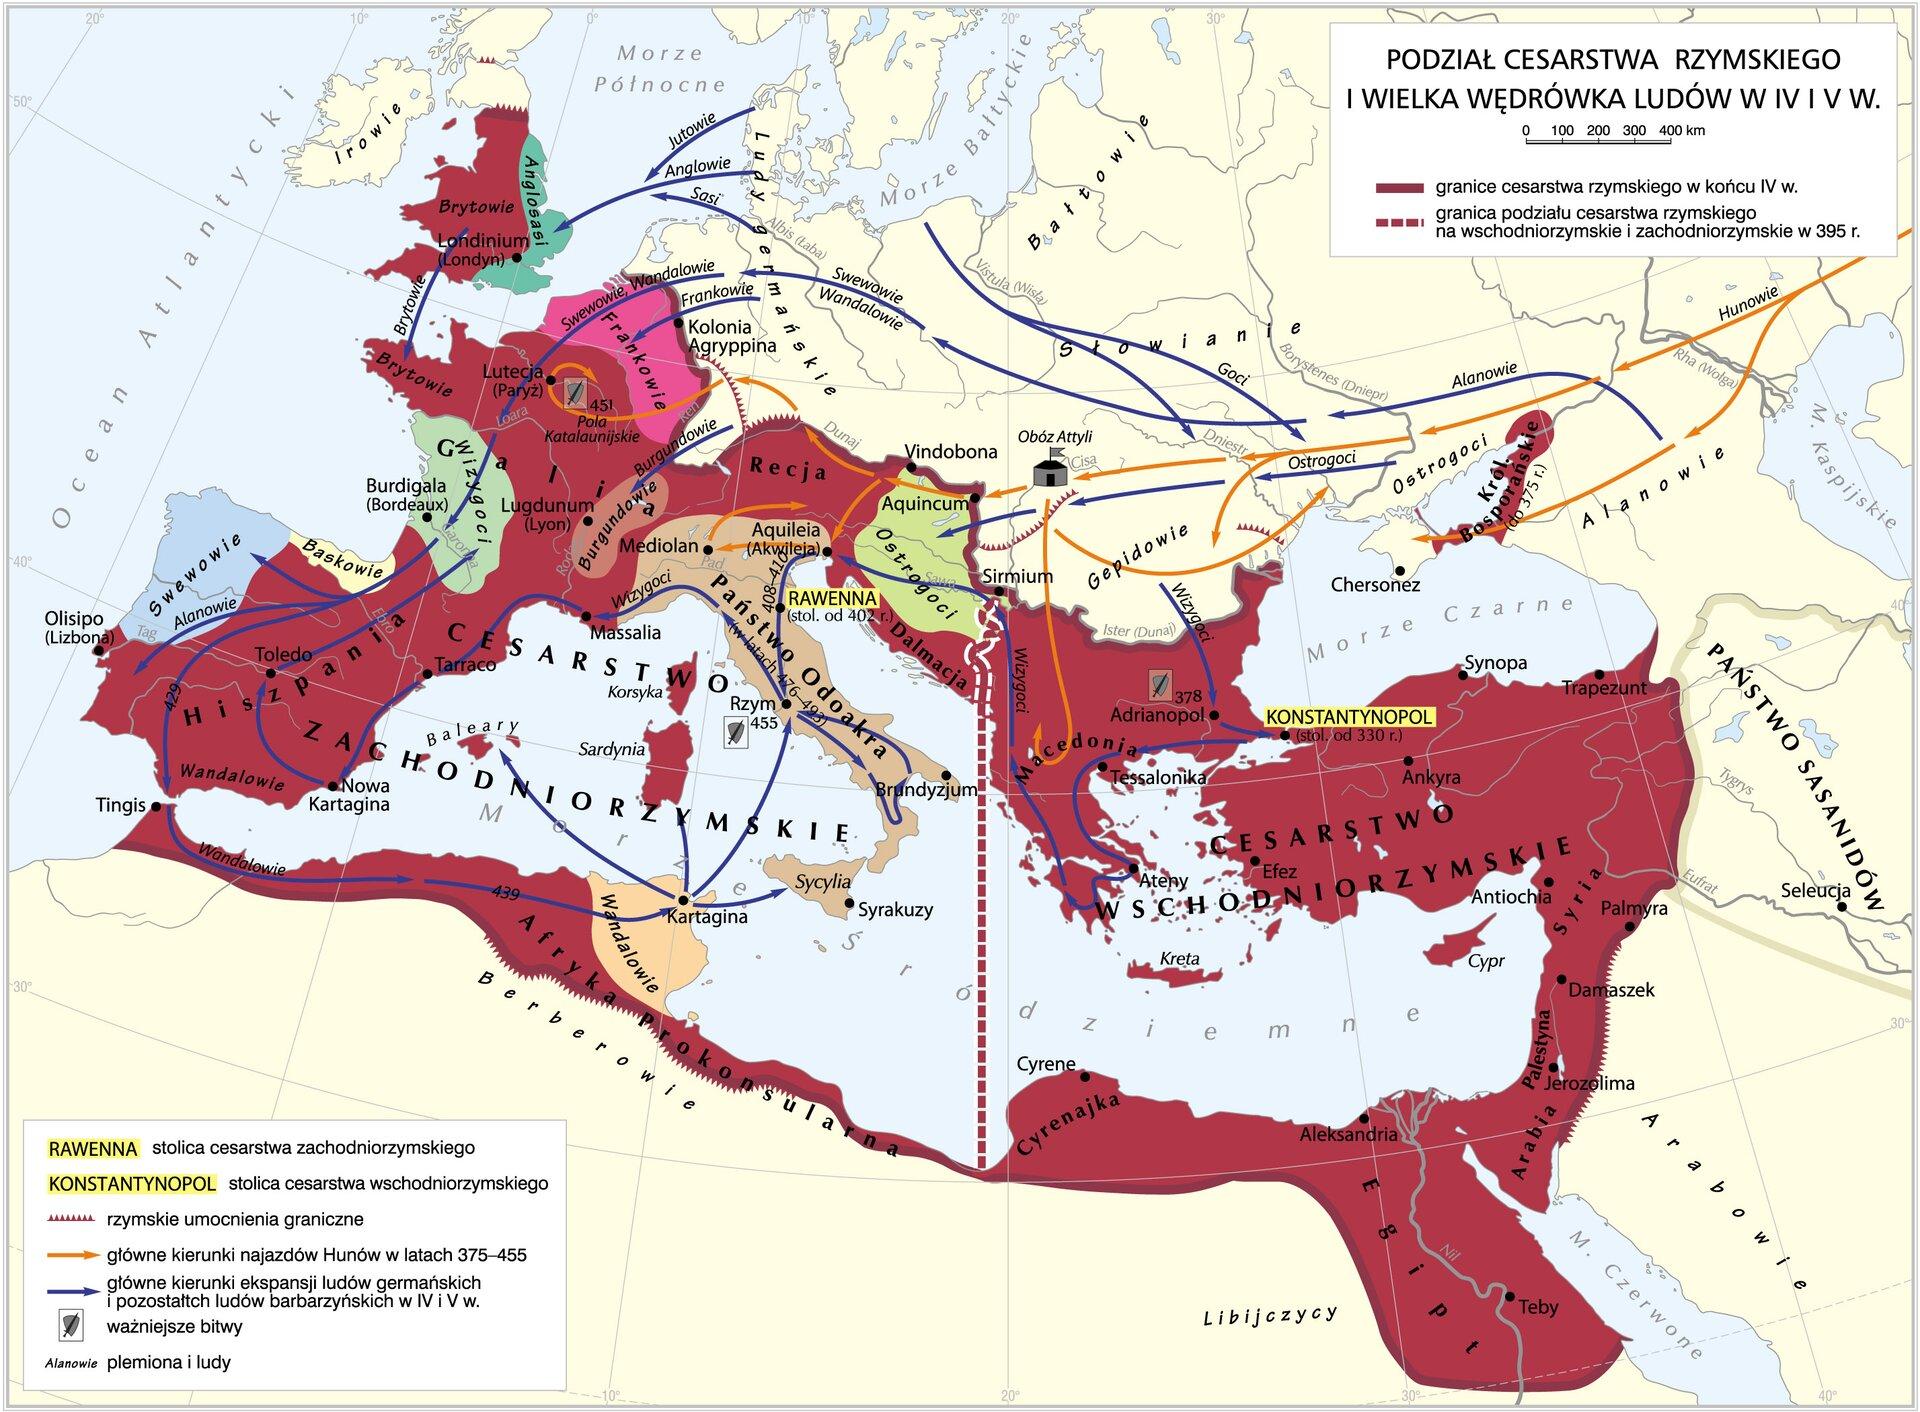 Podział cesarstwa rzymskiego Podział cesarstwa rzymskiego Źródło: Krystian Chariza izespół.